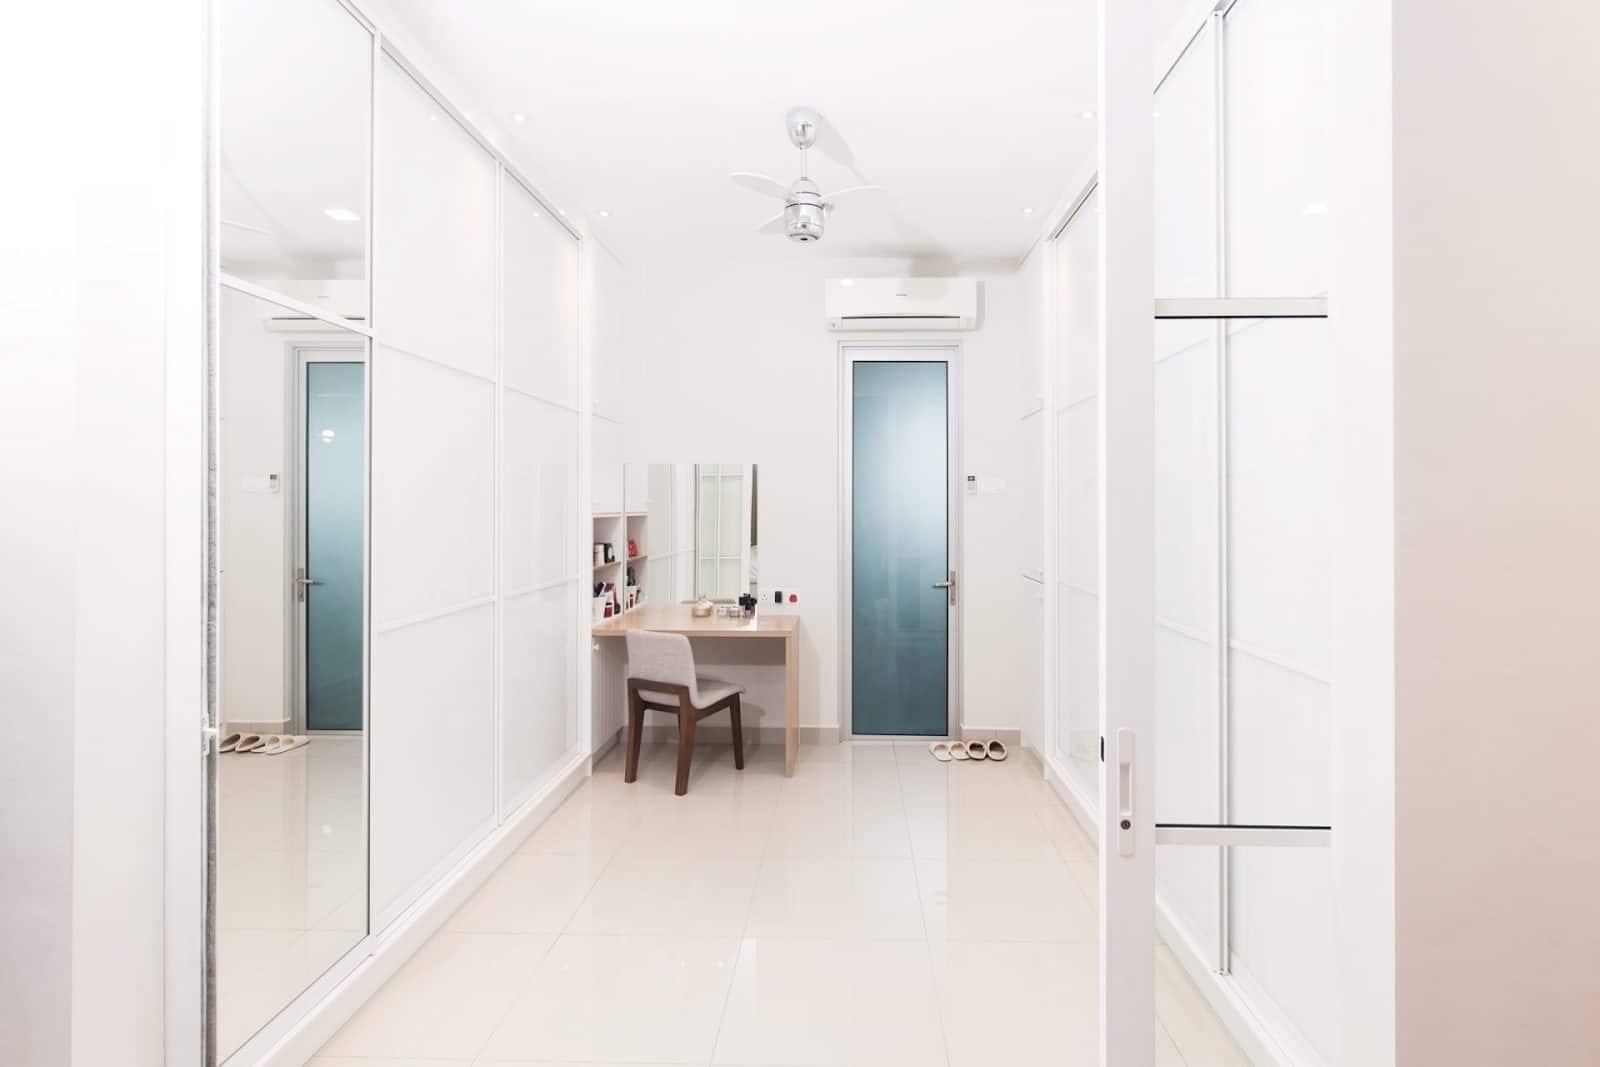 Kabinet dinding di bilik tidur bewarna putih